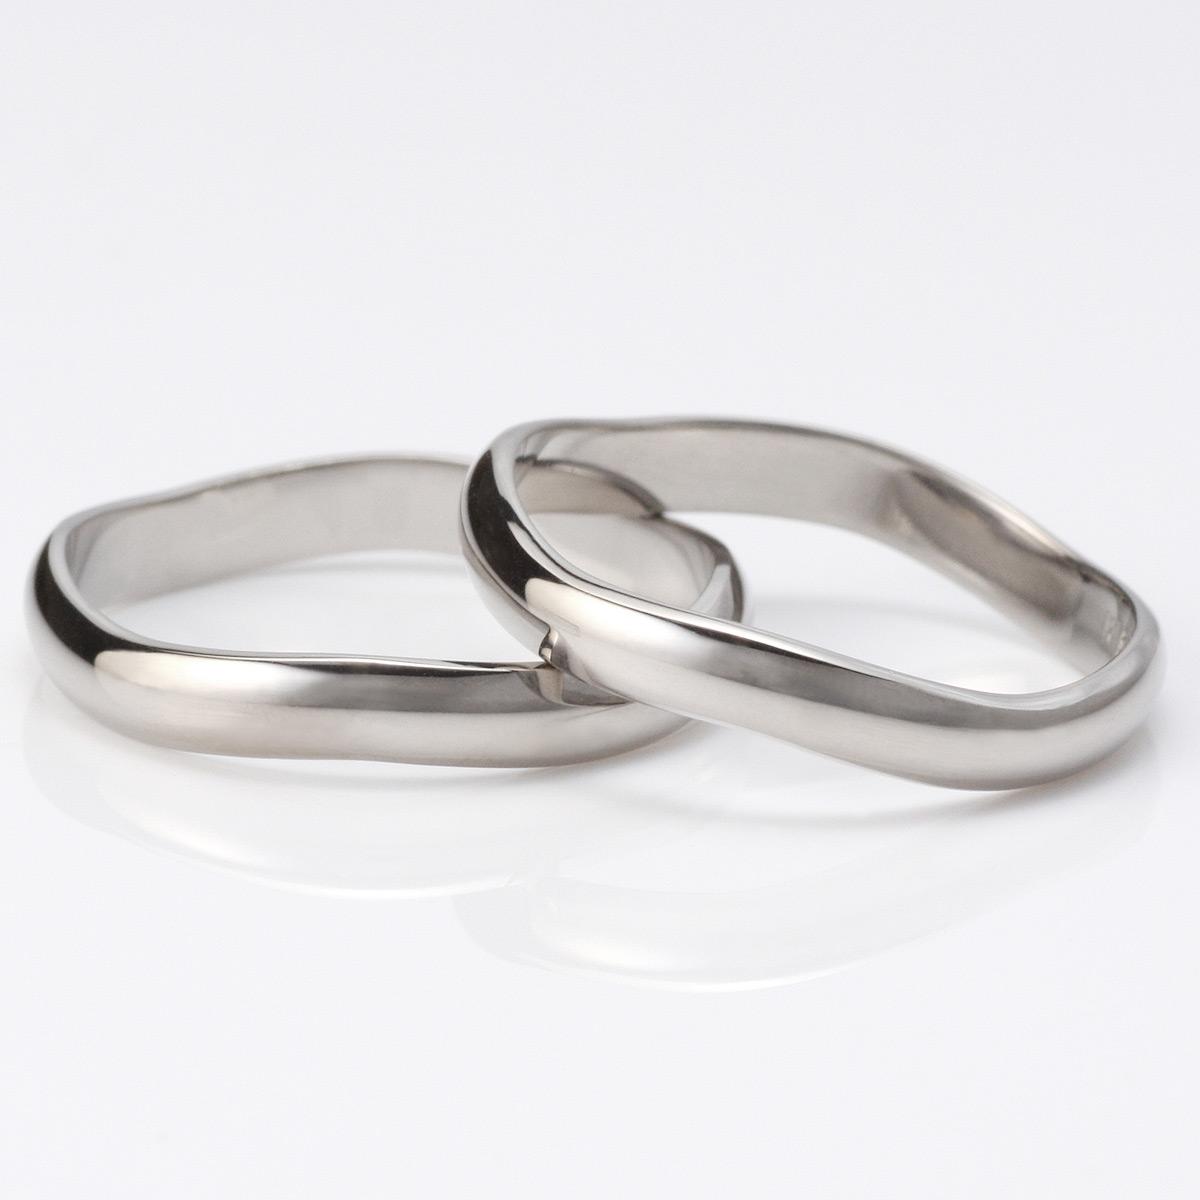 メンズリング 無料 結婚指輪 マリッジリング ペアリング ホワイトゴールド 2本セット 末広 スーパーSALE【今だけ代引手数料無料】